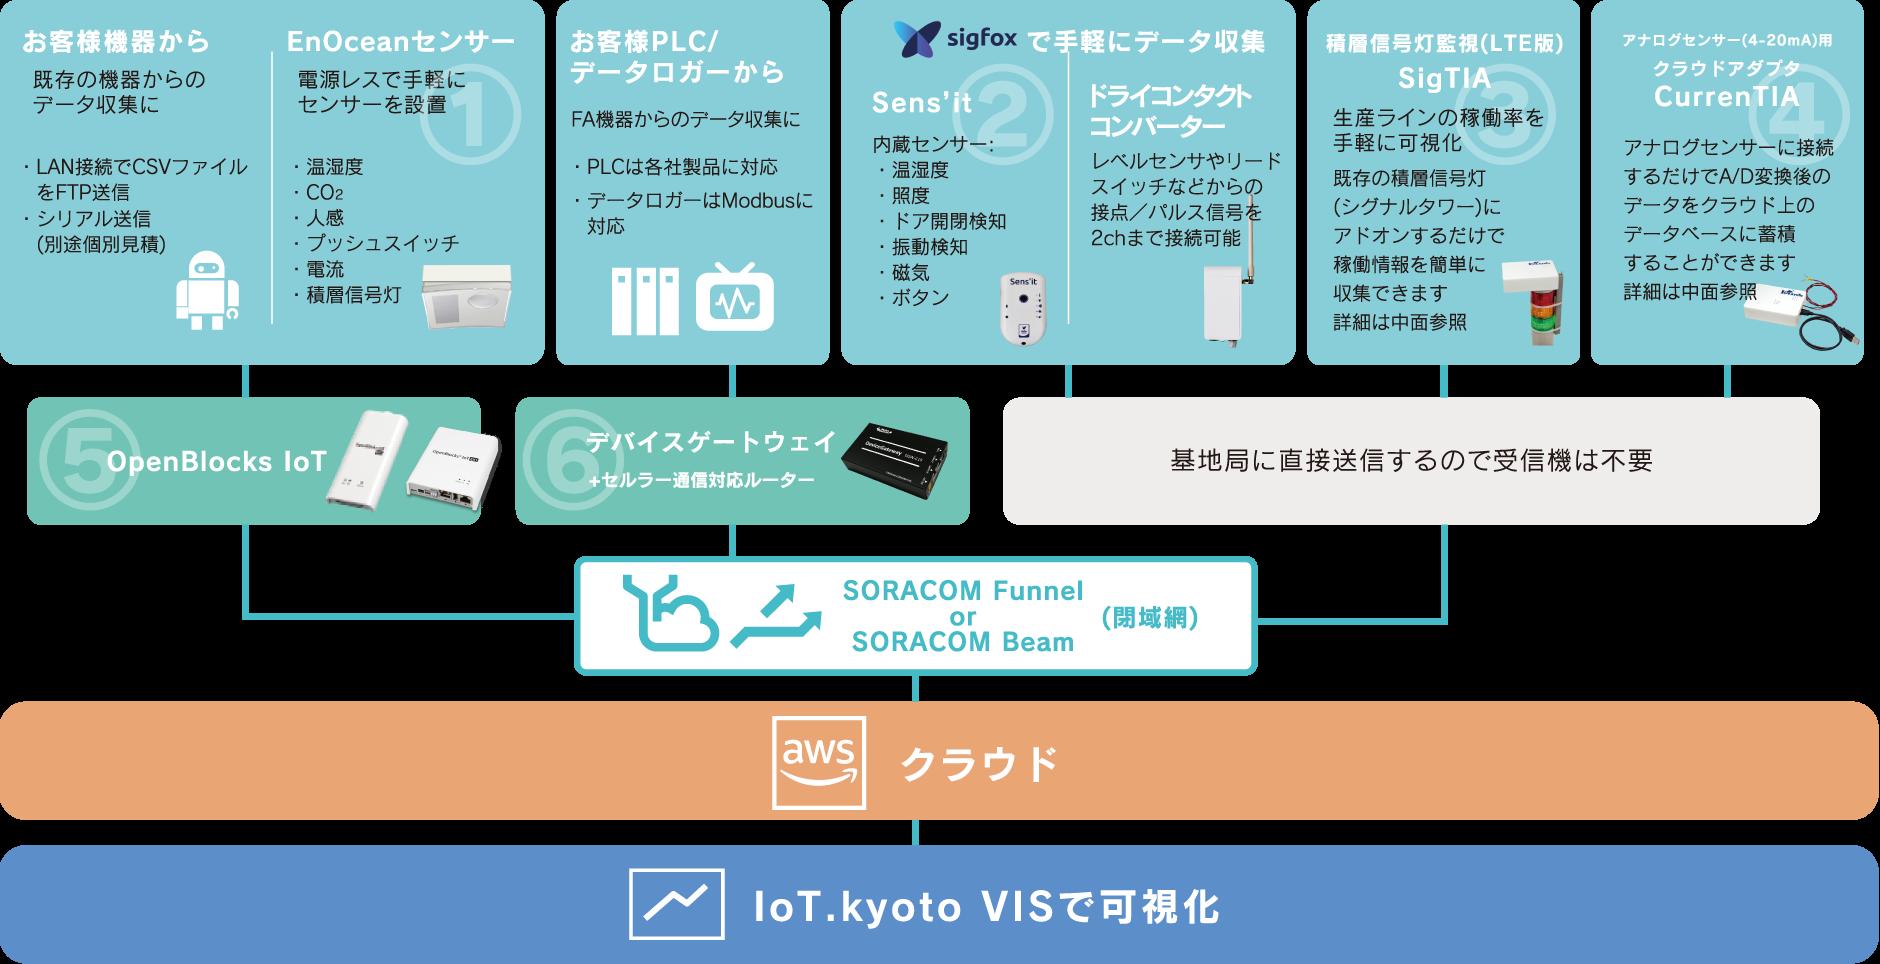 IoT機器によるデータ可視化のフロー図